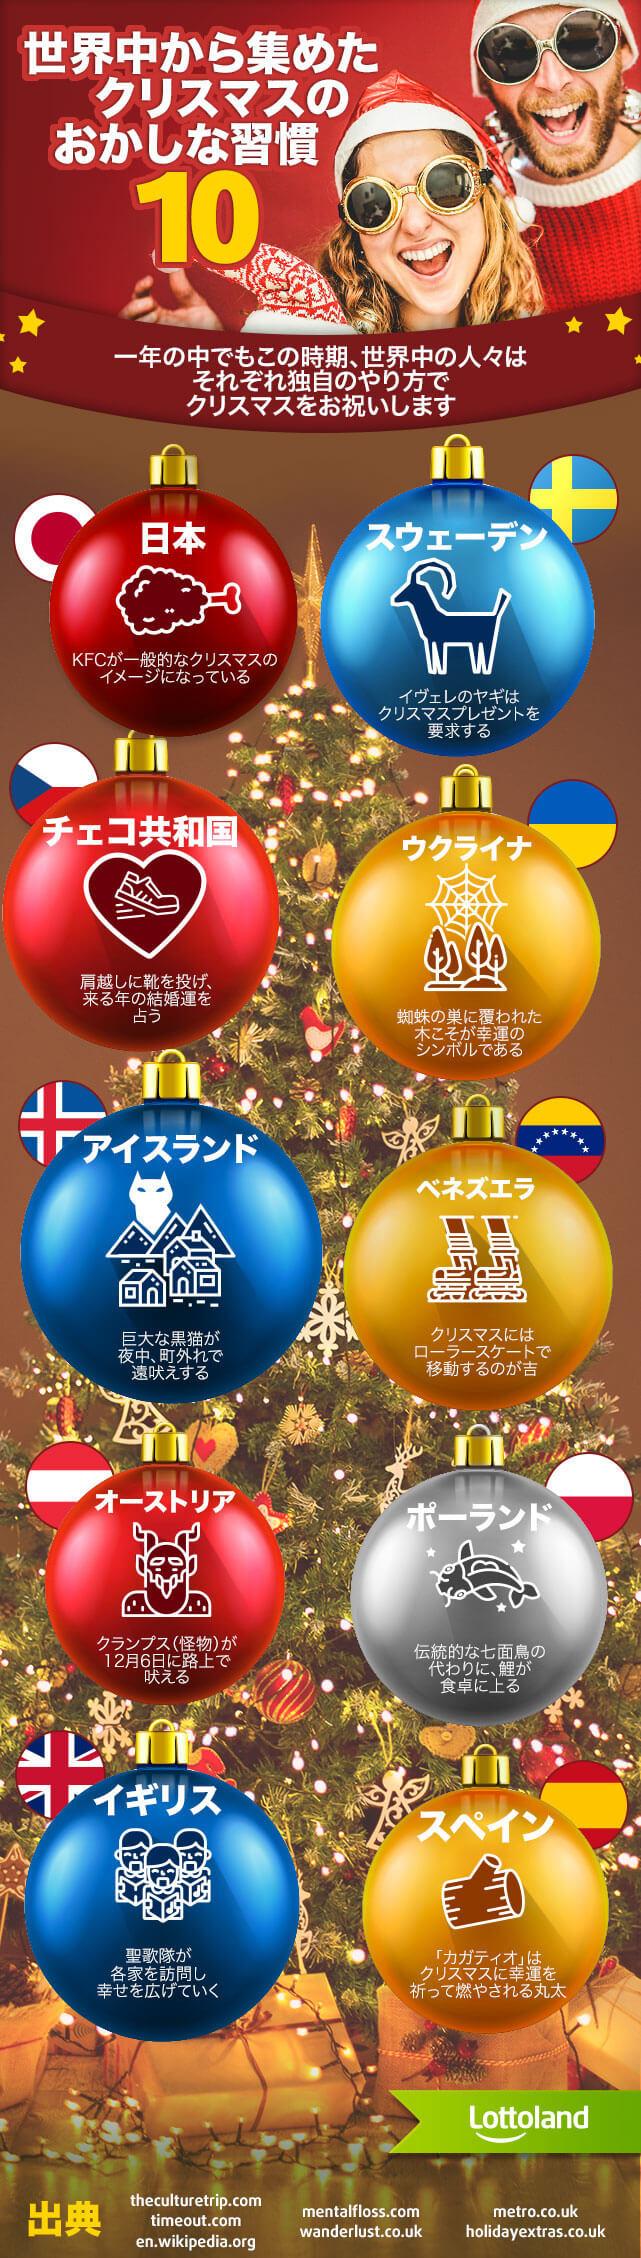 世界中の奇妙なクリスマスの伝統に関するインフォグラフィック